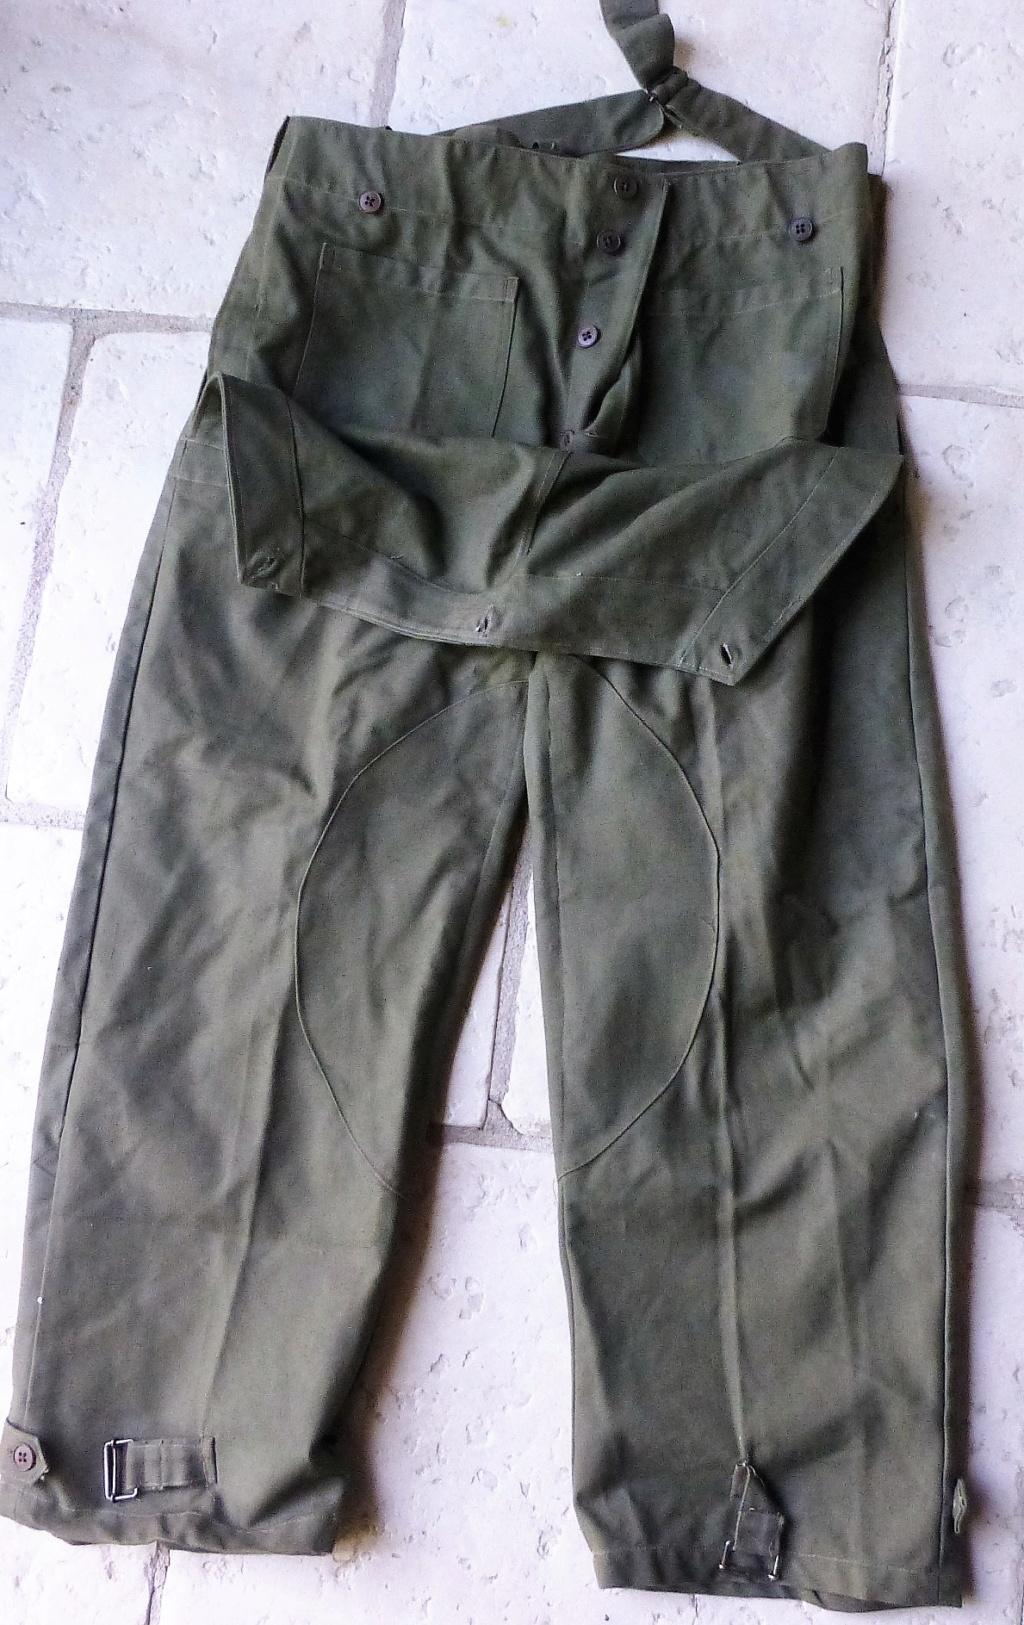 pantalon salopette mod 38 et insigne équipes nationales P1080315